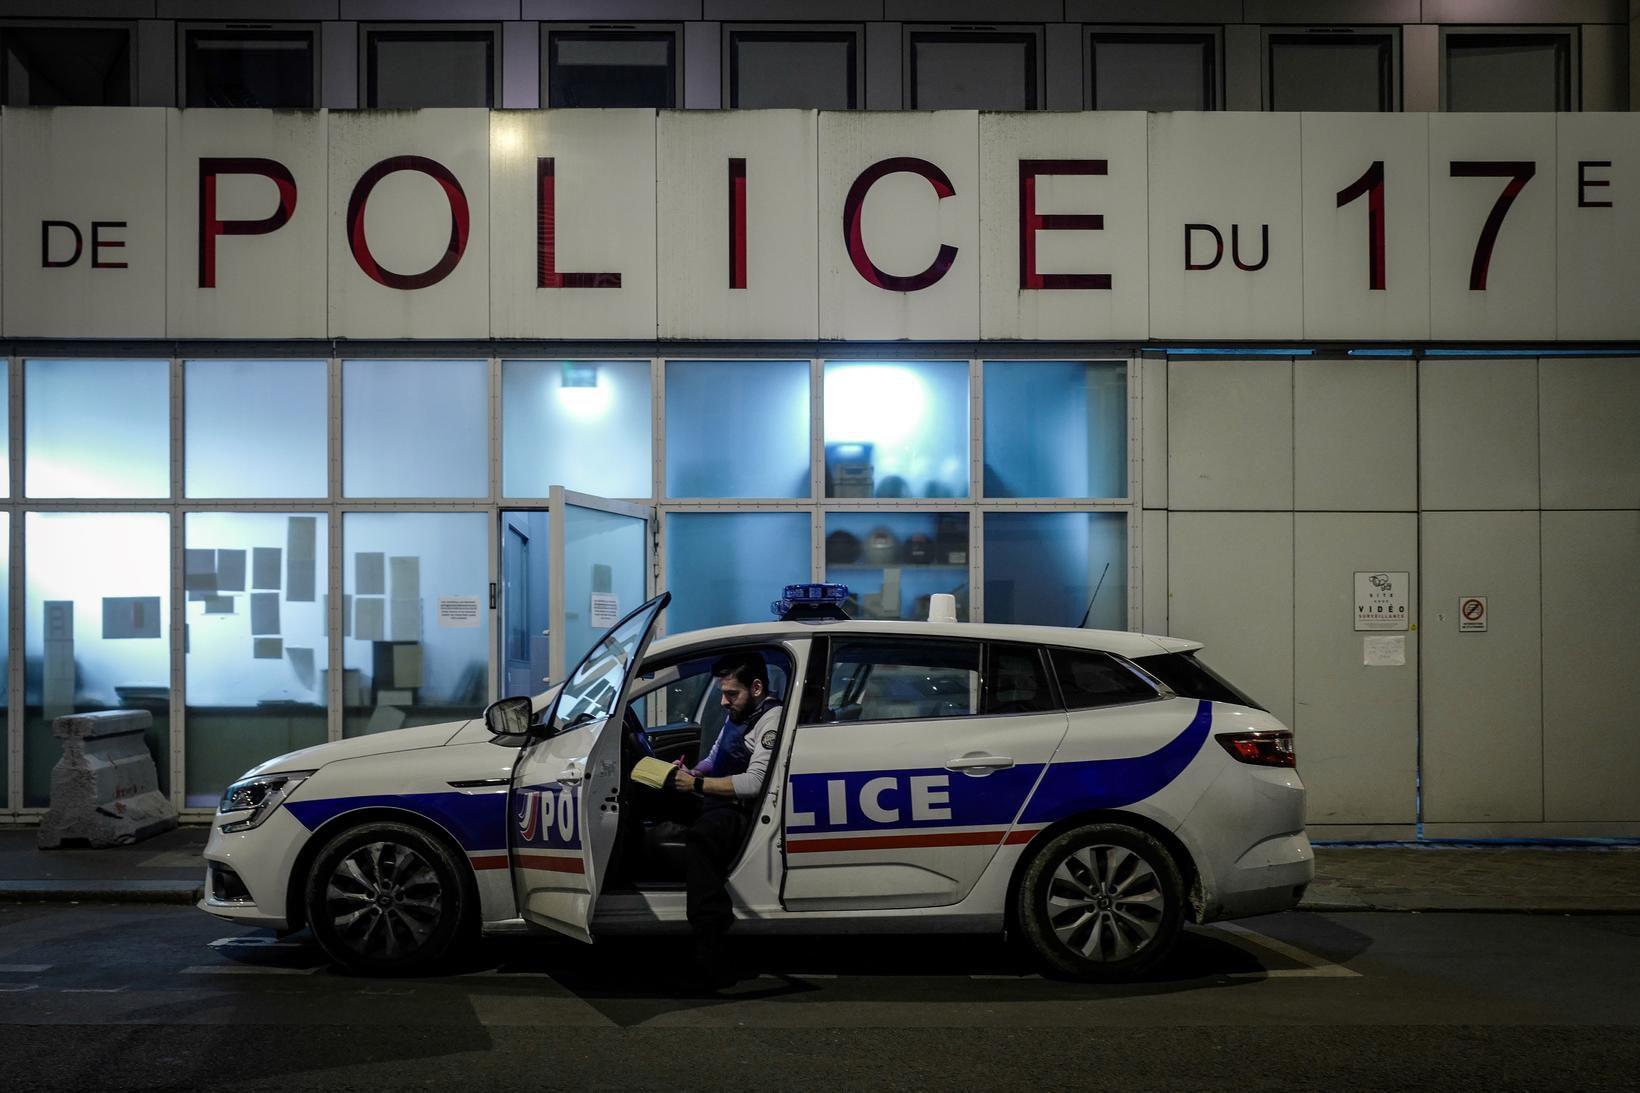 Lögreglumaður klárar vakt við lögreglustöð í París.